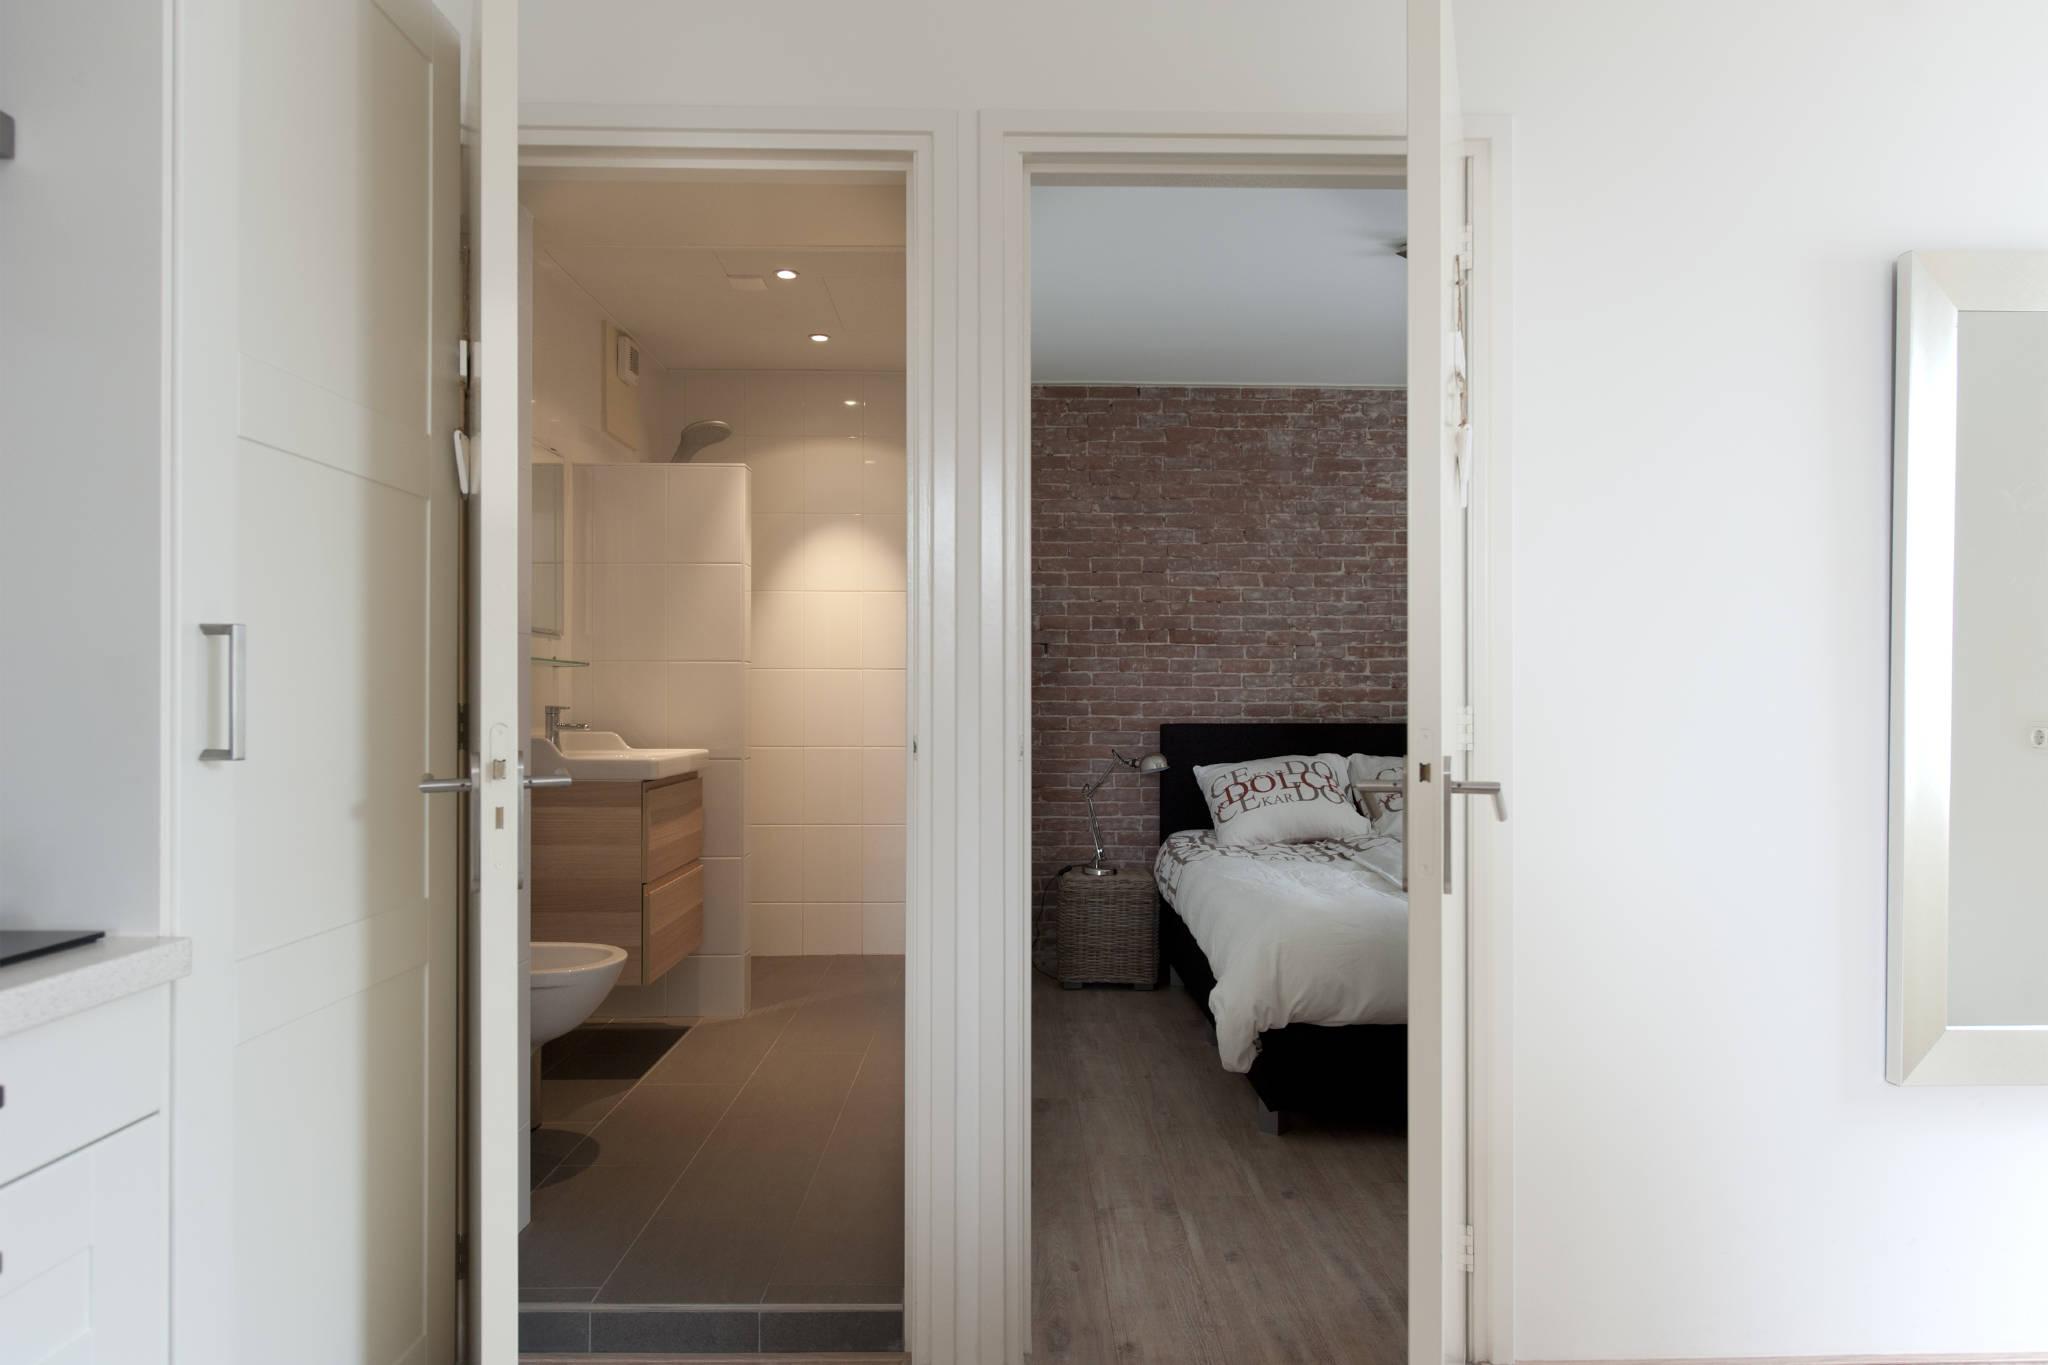 Wohnzimmer mit lounge-schlaf sofa